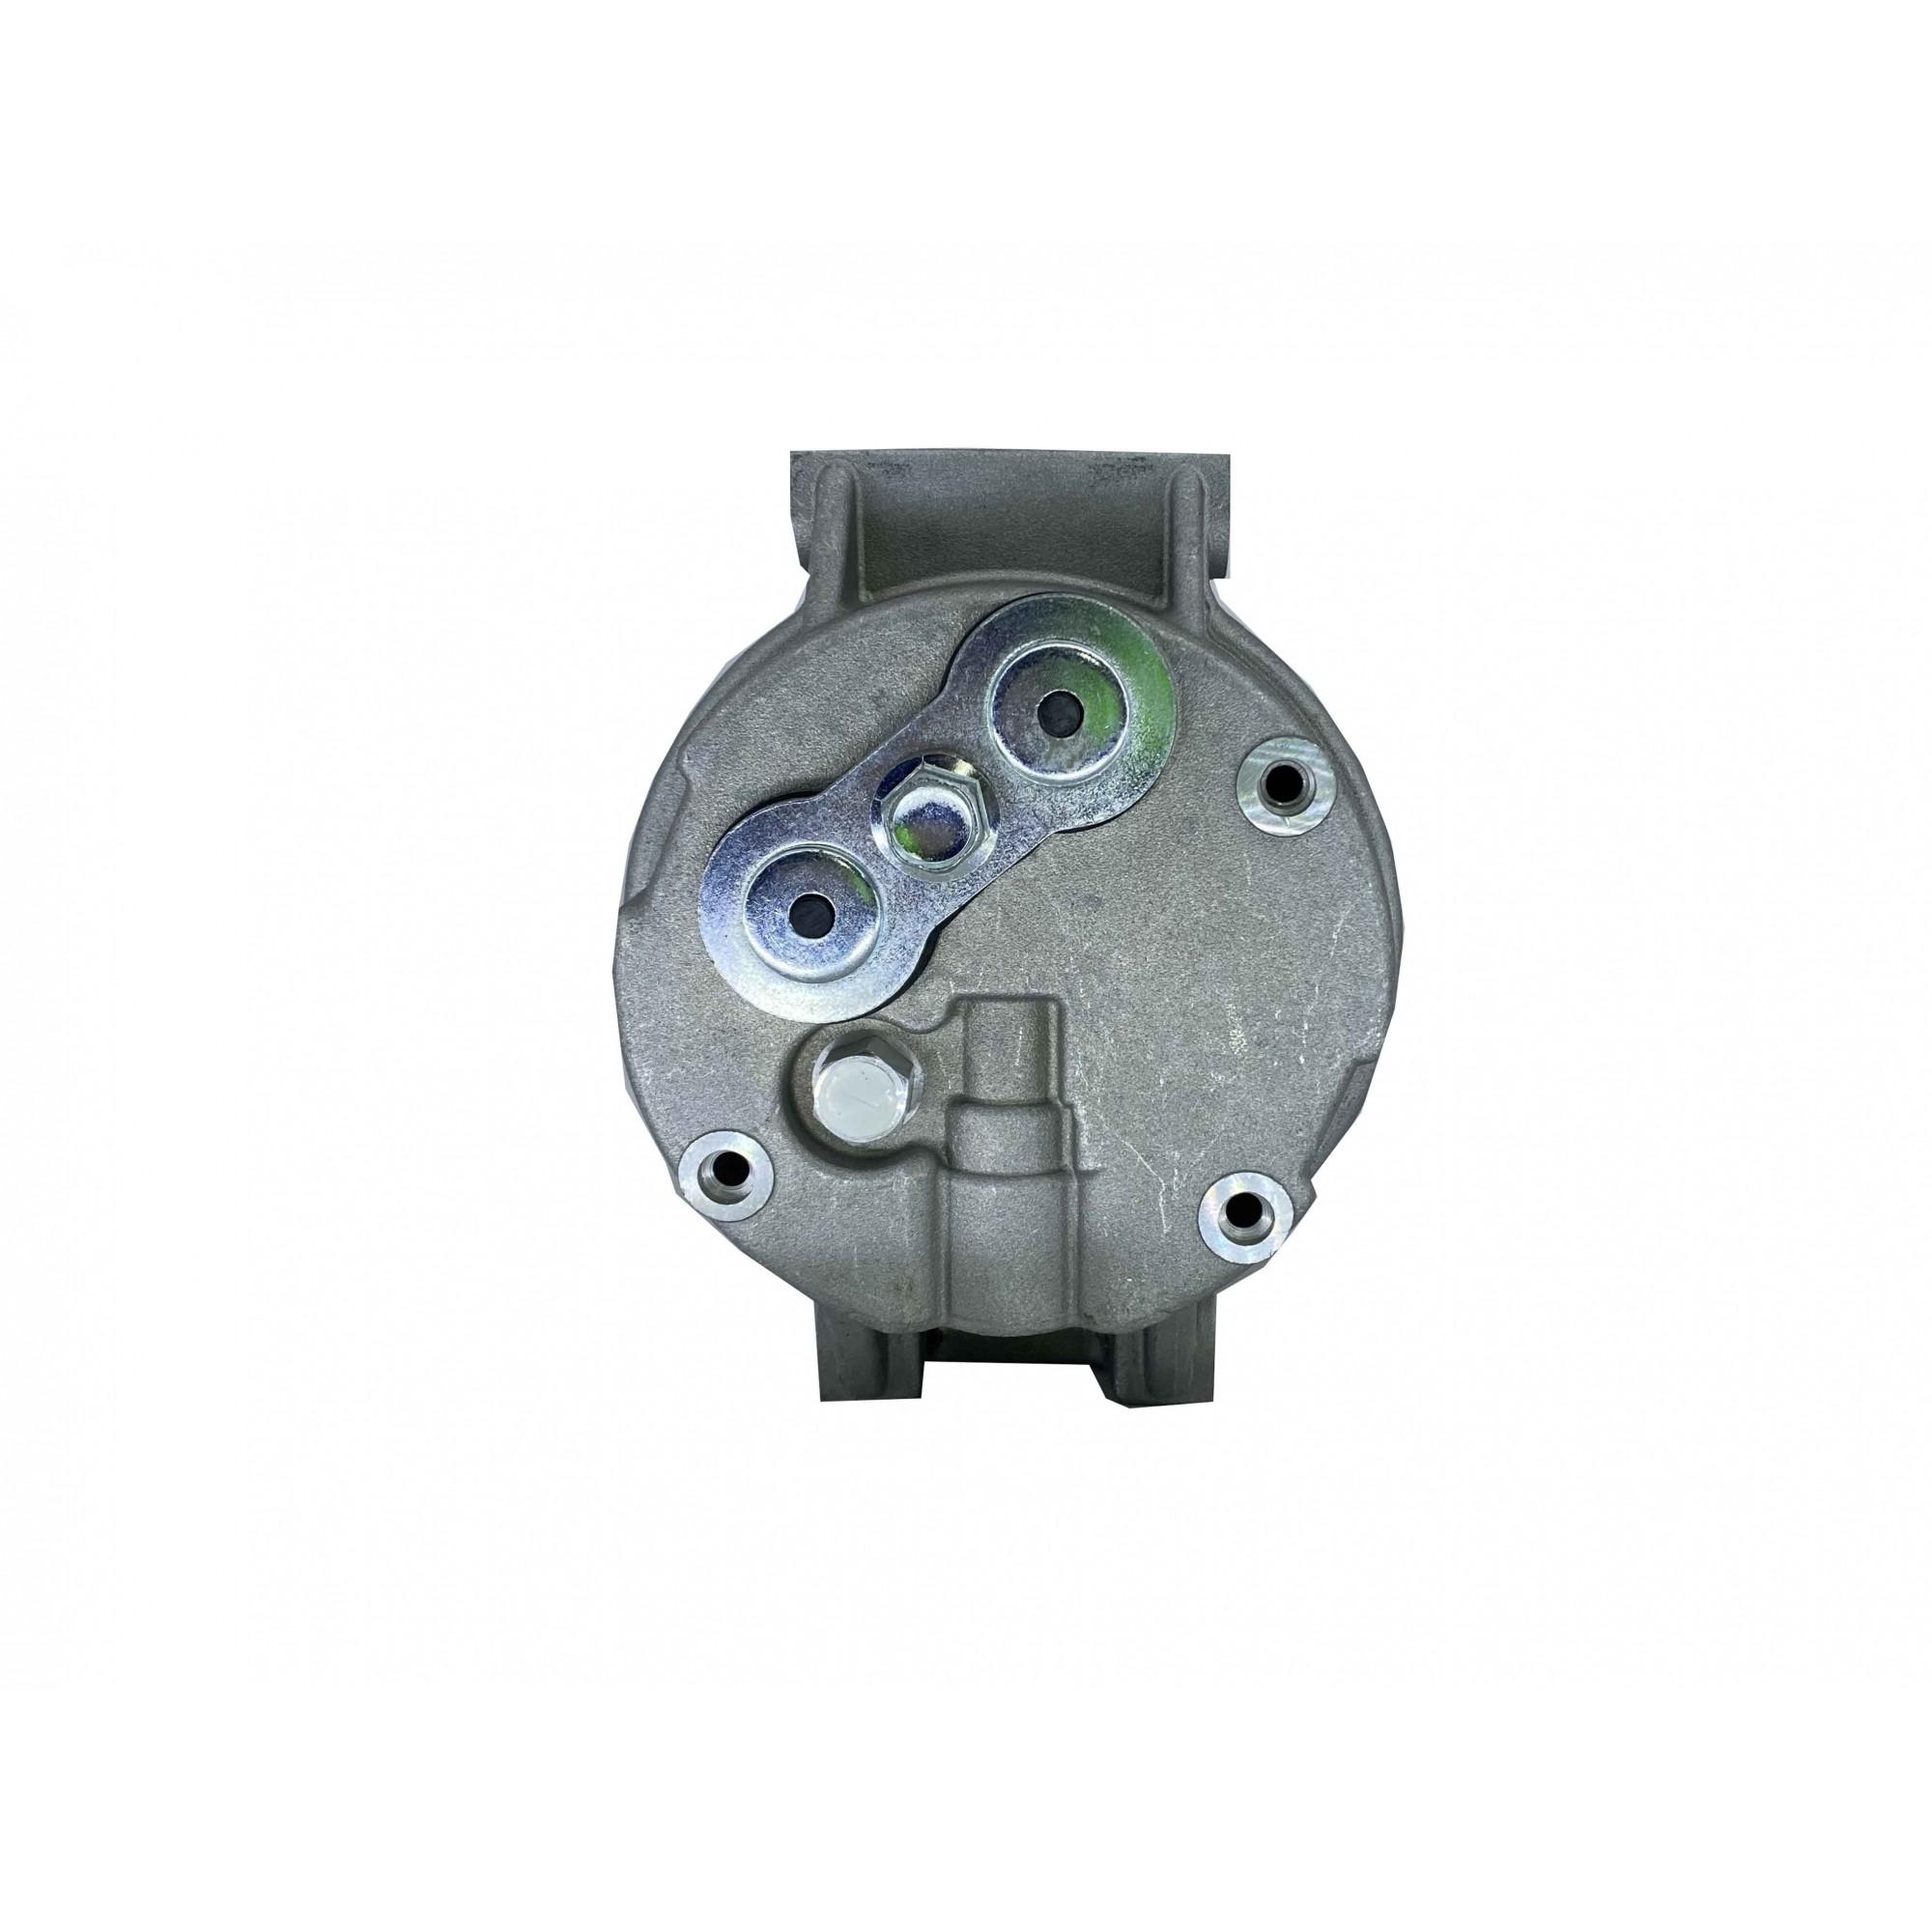 Compressor maquina escavadeira hyundai 24v